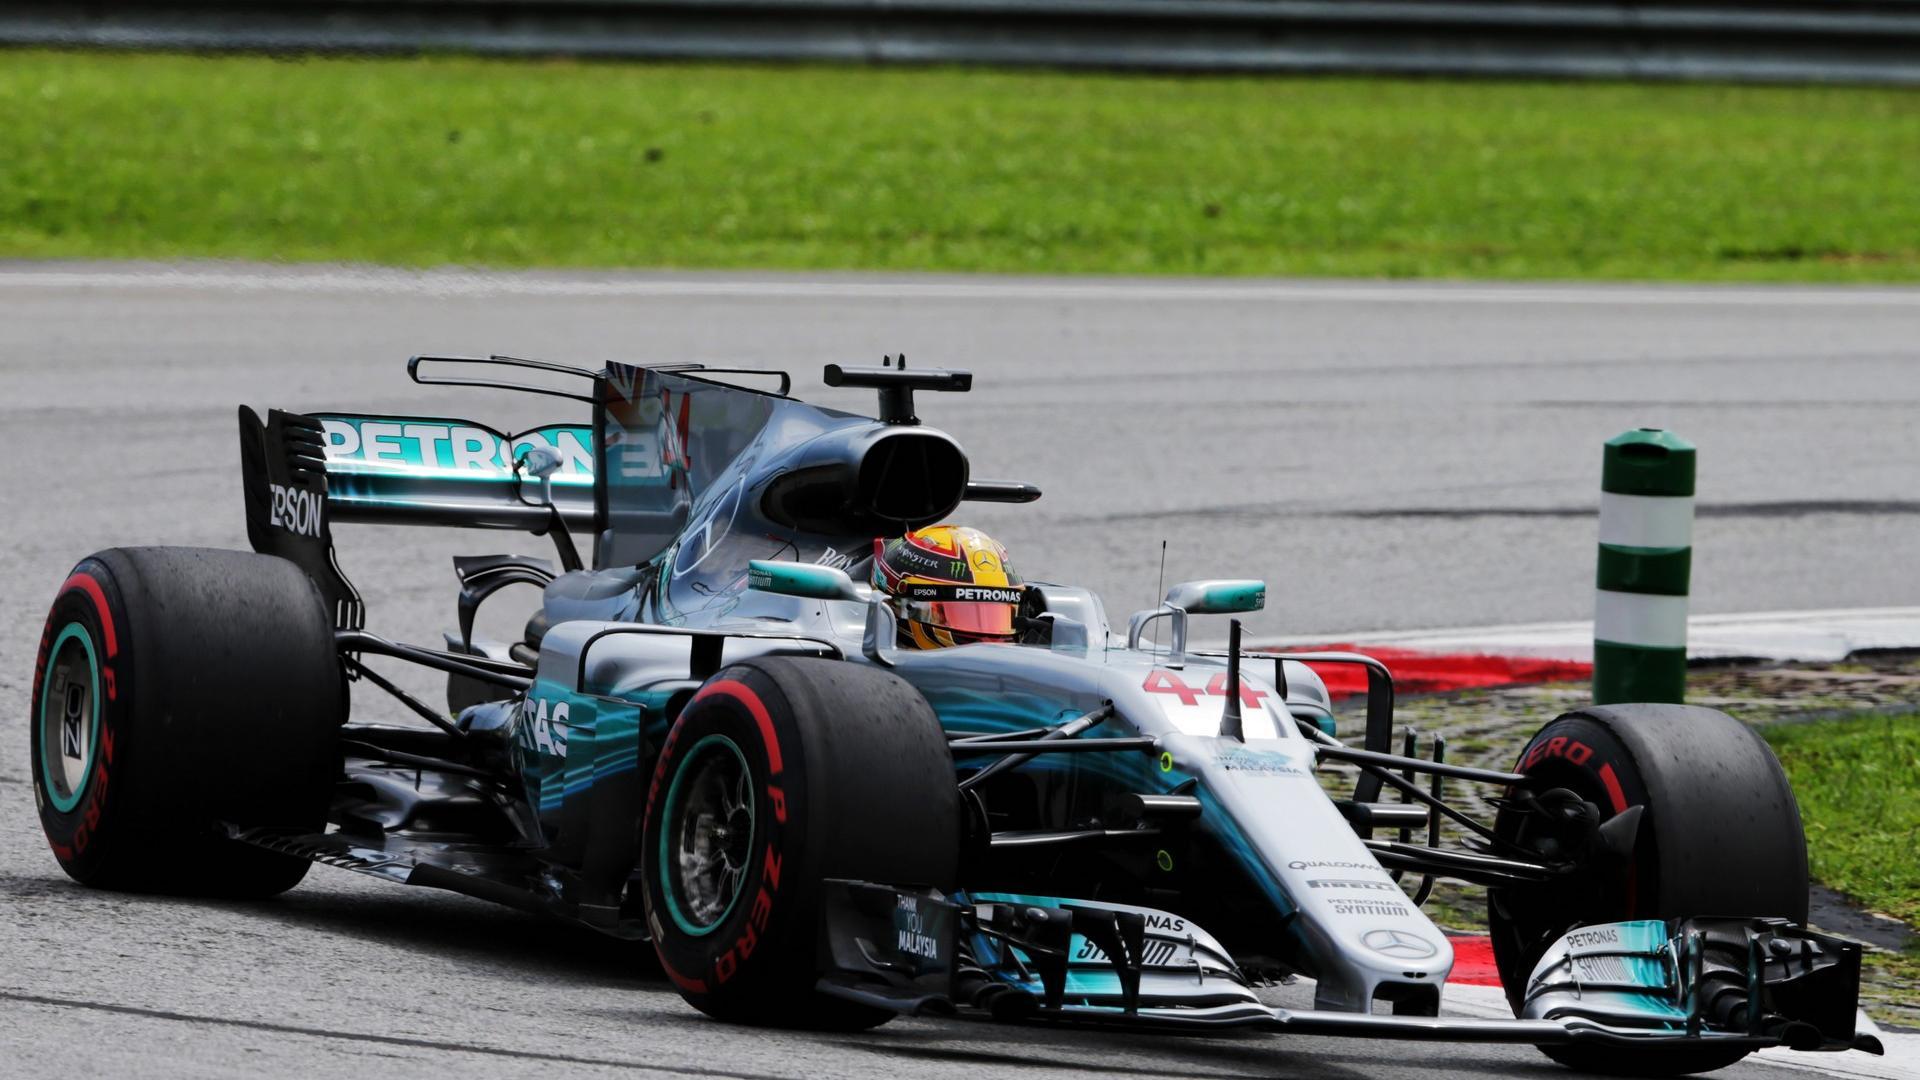 F1v视频视频|马来西亚大奖赛排位赛录像全场|马长头磕视频图片